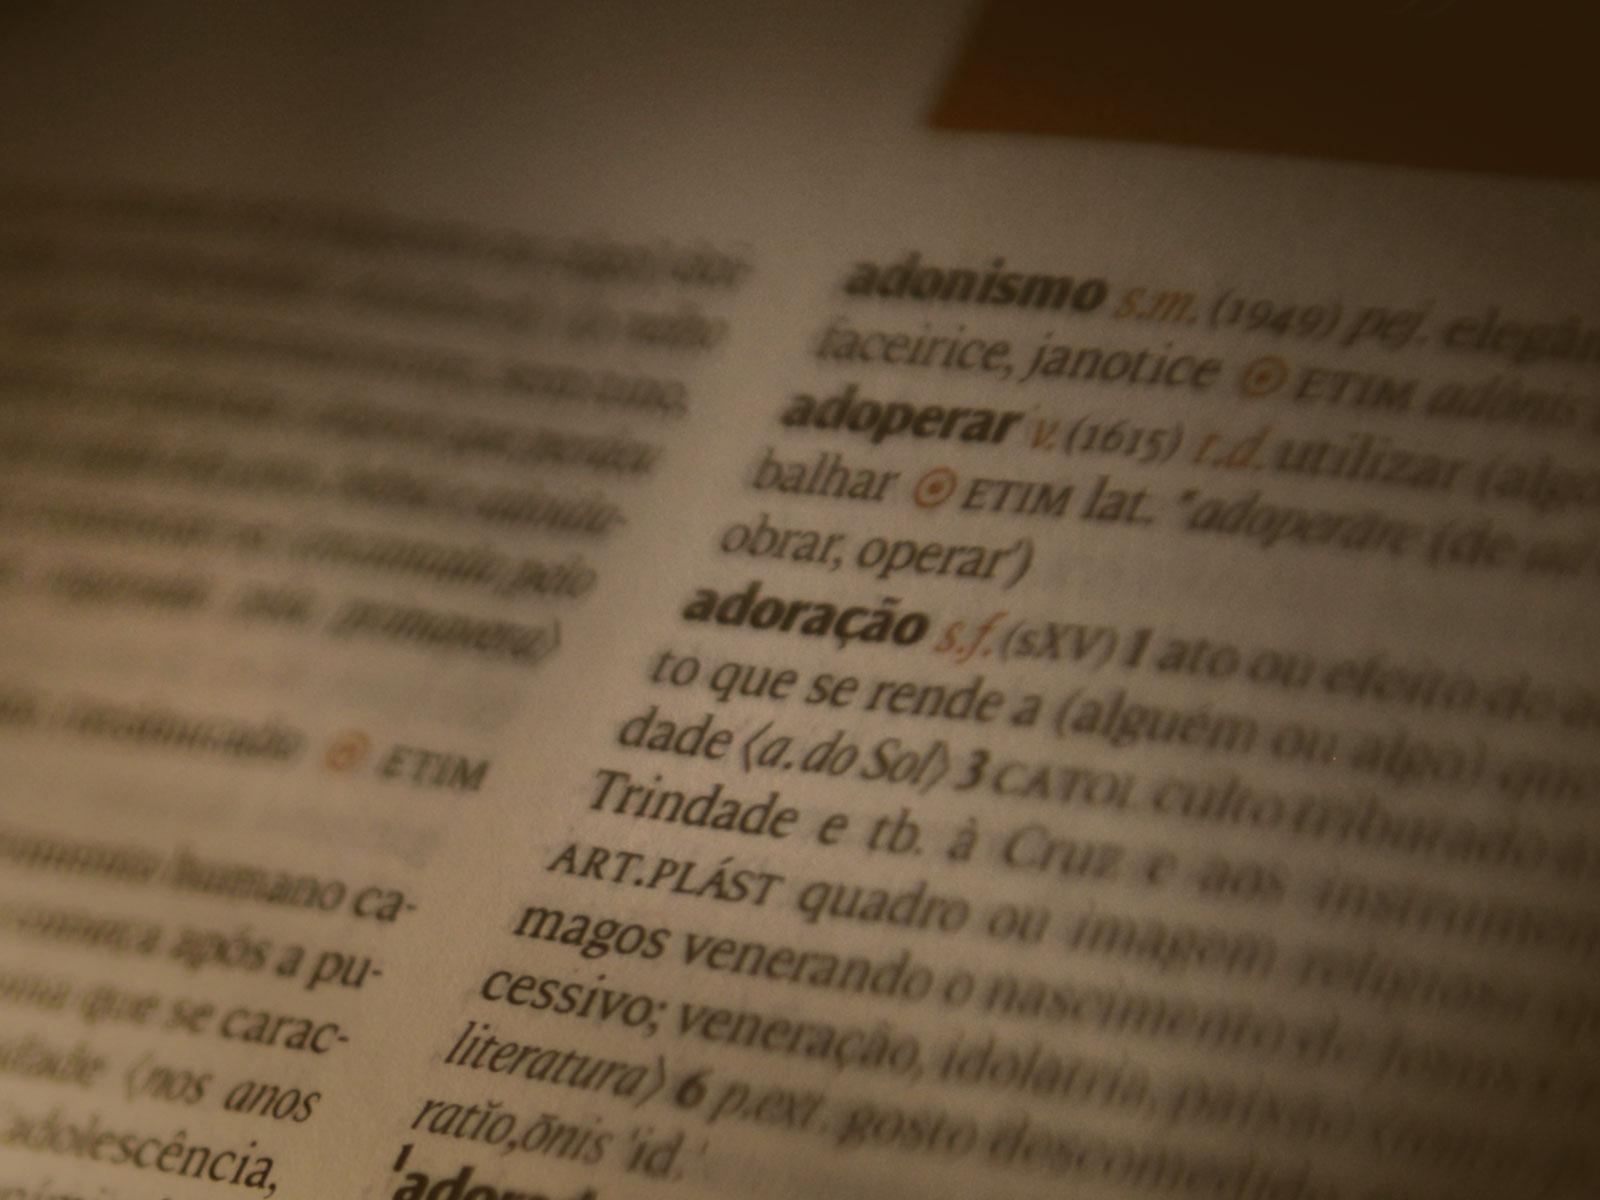 Aprofunde-se no conhecimento da palavra Adoração